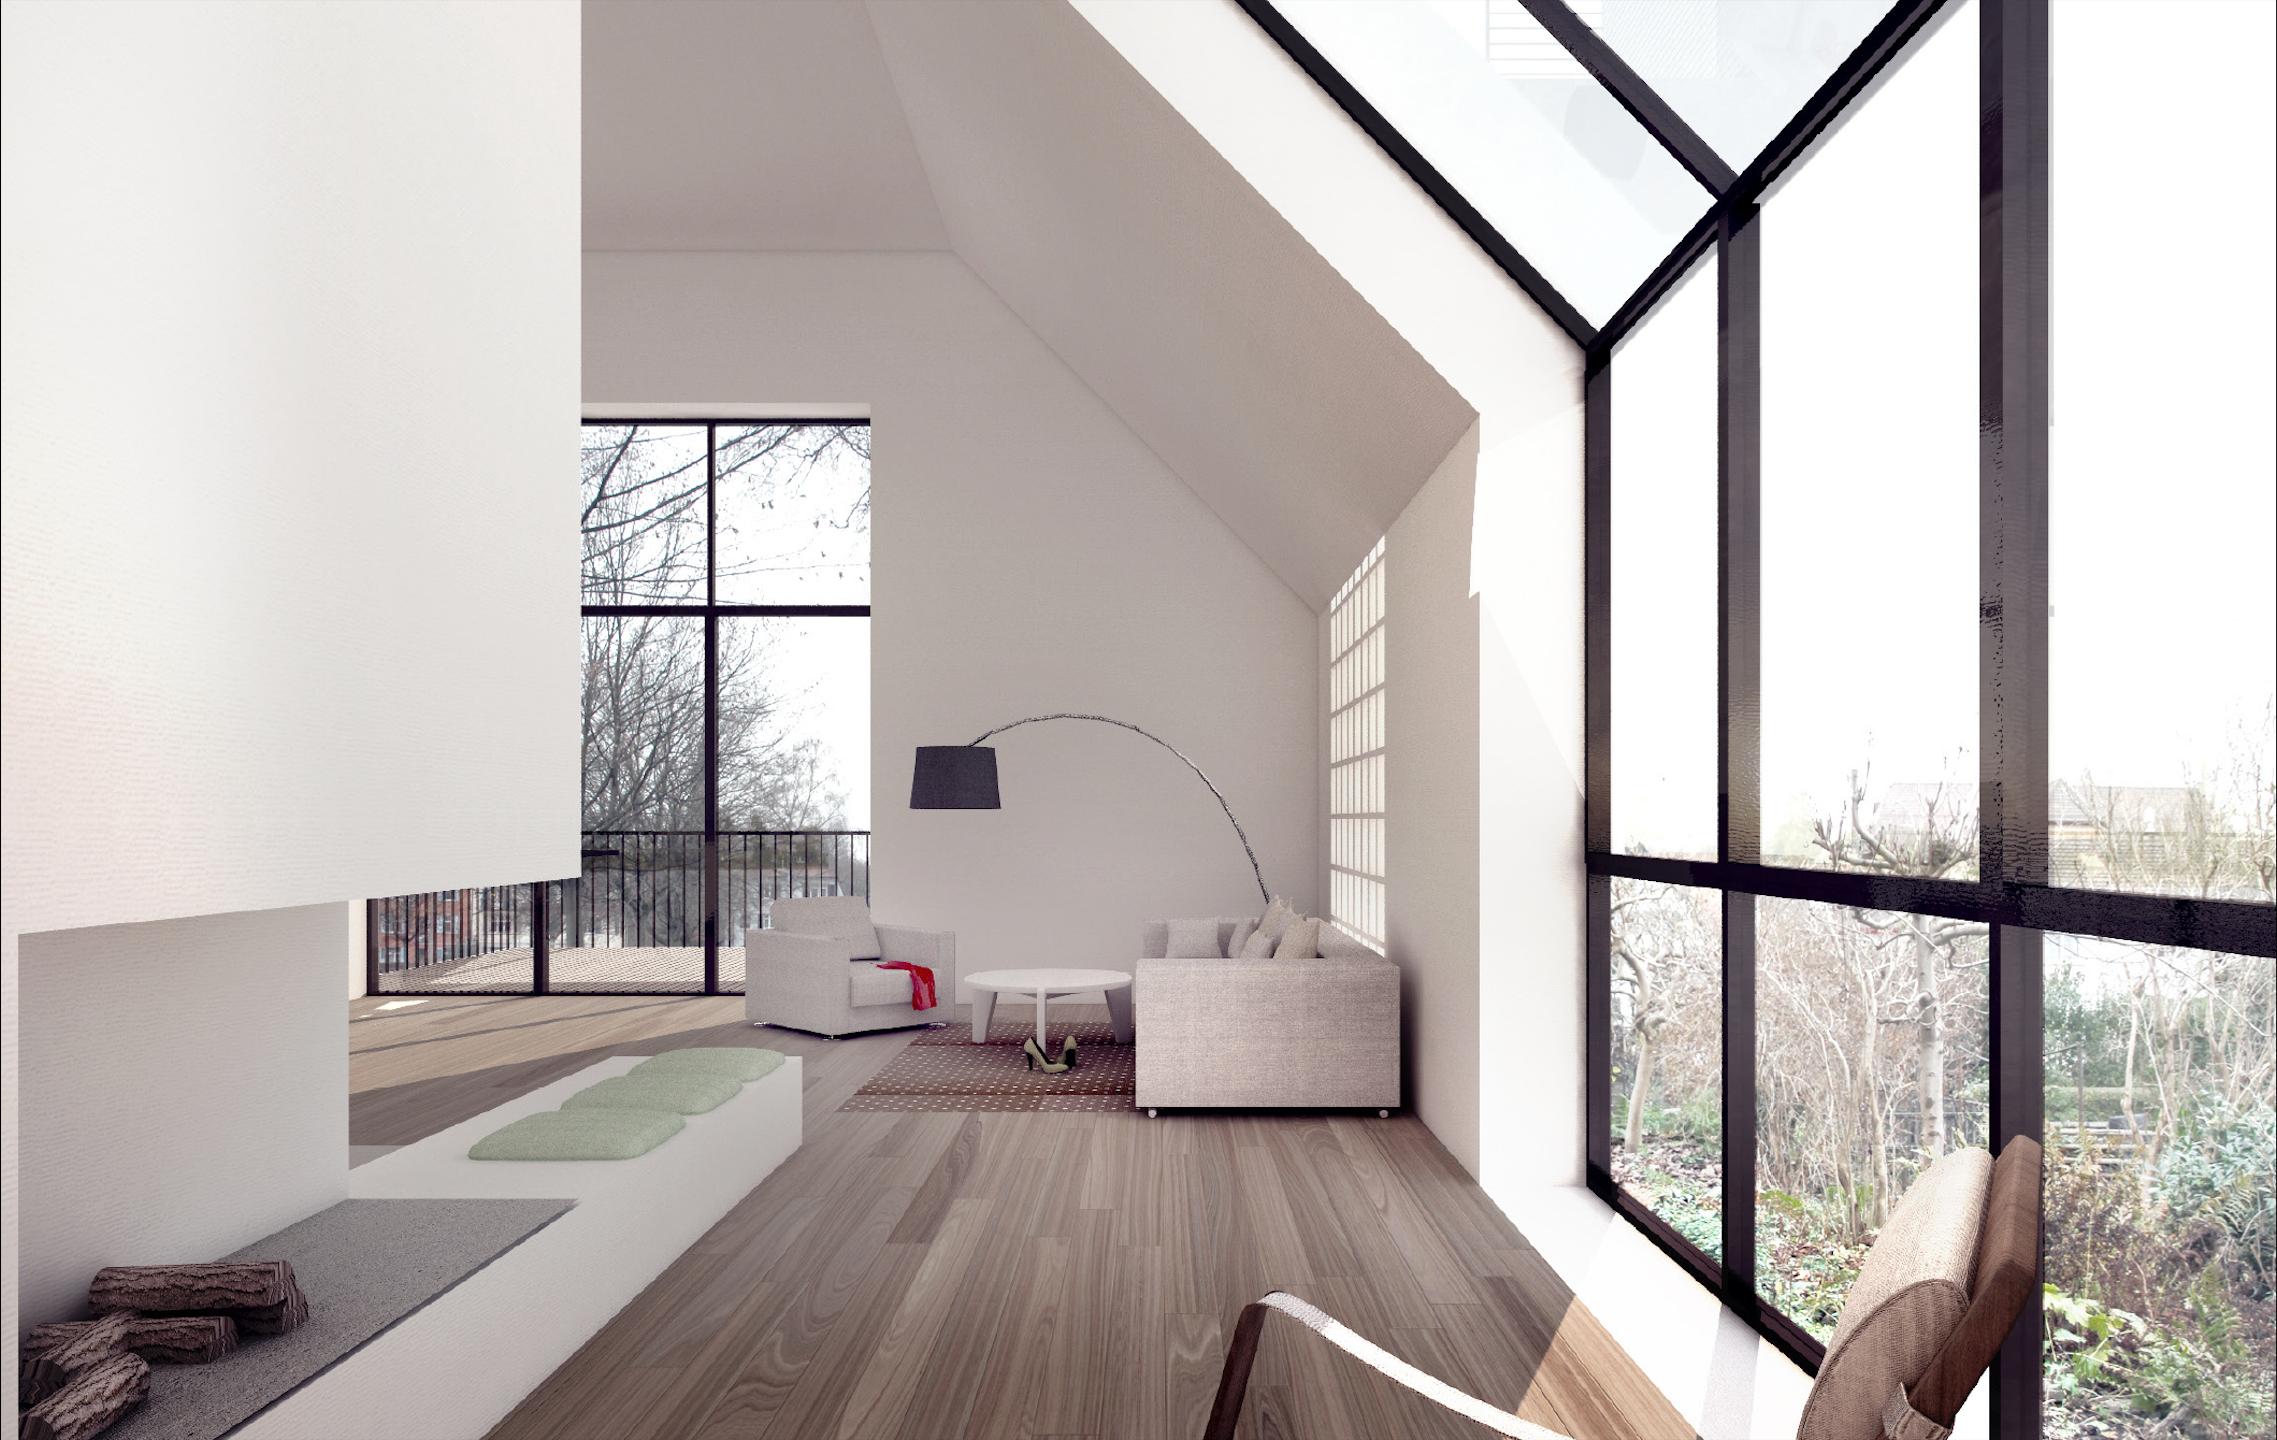 Architektur Projekt Zuerich Cheminee.png